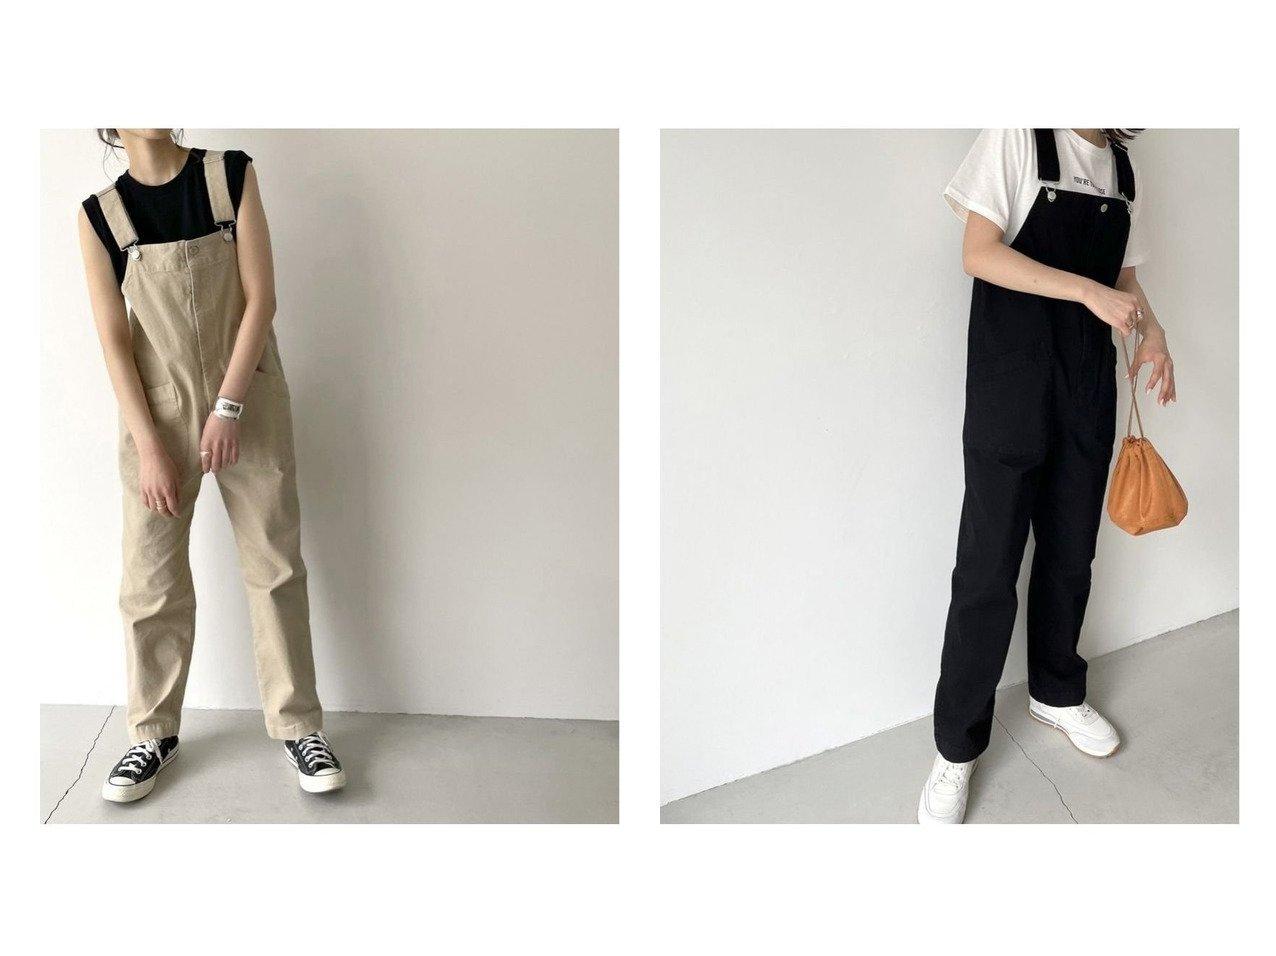 【RED CHOP WORKS/レッドチョップワークス】のRED CHOP WORKS(レッドチョップワークス) ストレッチツイルスリムサロペット おすすめ!人気、トレンド・レディースファッションの通販  おすすめで人気の流行・トレンド、ファッションの通販商品 メンズファッション・キッズファッション・インテリア・家具・レディースファッション・服の通販 founy(ファニー) https://founy.com/ ファッション Fashion レディースファッション WOMEN コンパクト サロペット シンプル ジーンズ タンク ポケット ラップ 再入荷 Restock/Back in Stock/Re Arrival NEW・新作・新着・新入荷 New Arrivals おすすめ Recommend |ID:crp329100000036444